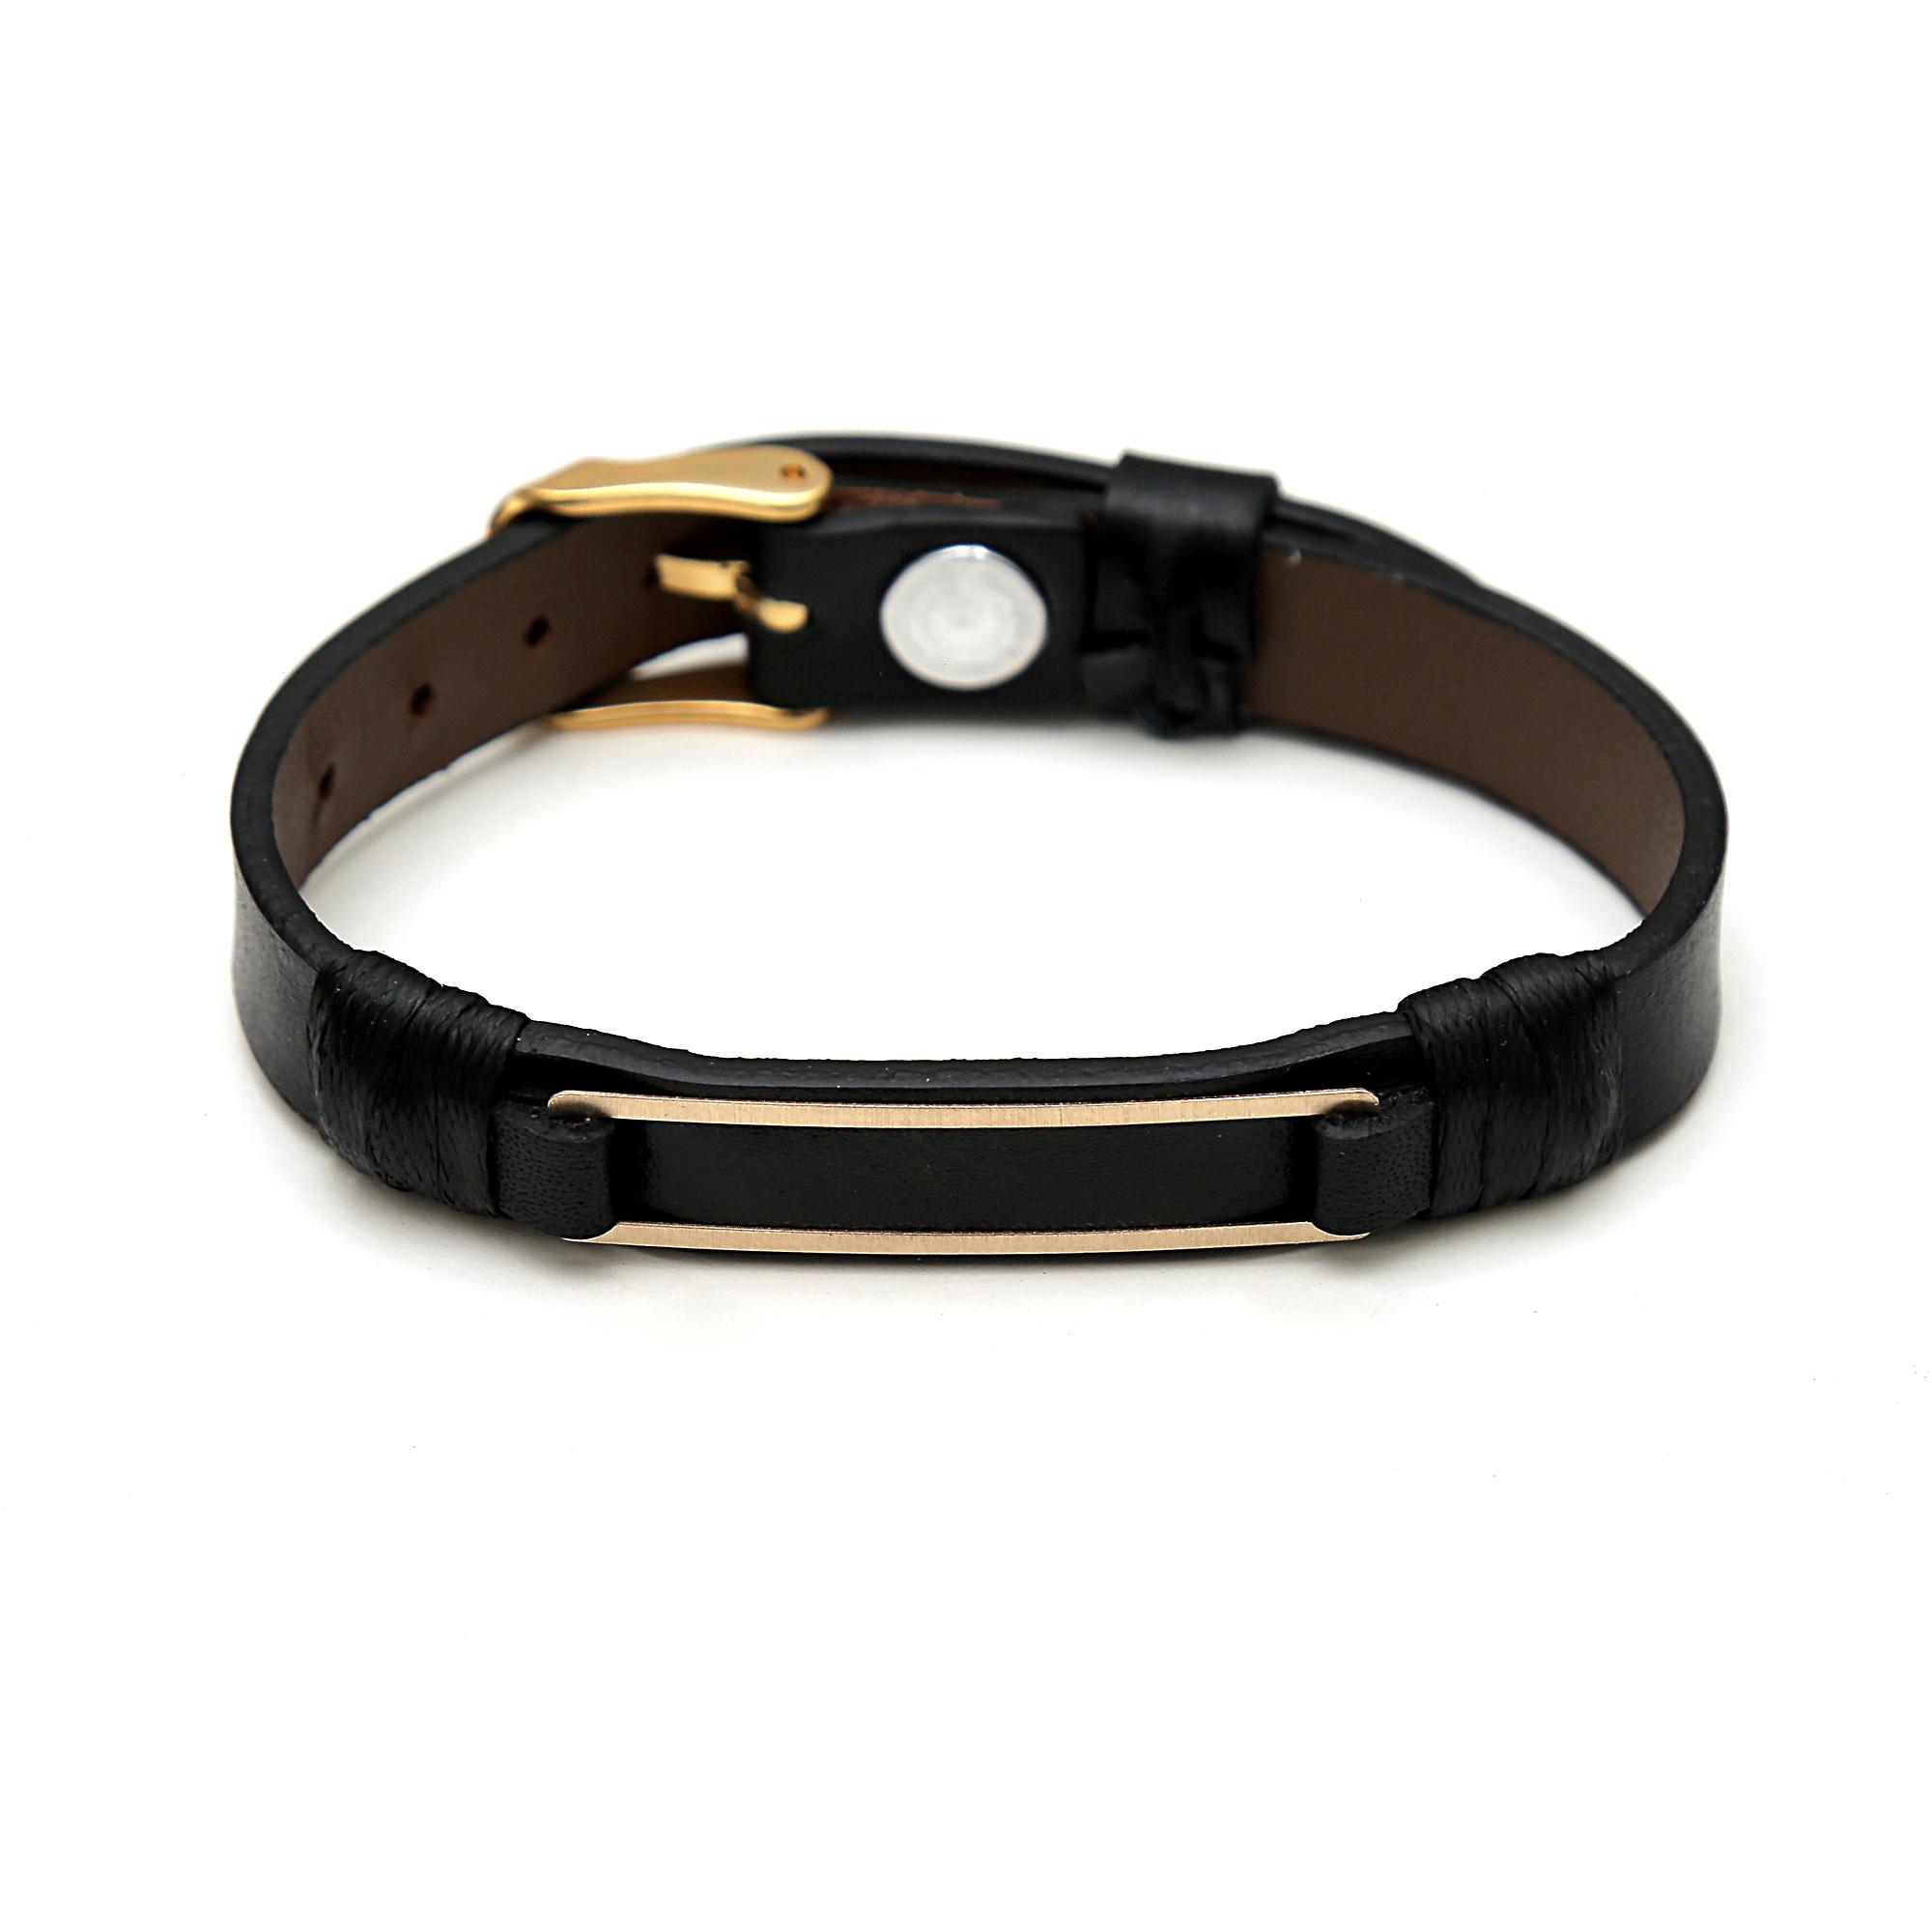 دستبند طلا ۱۸ عیار مدیاگلد مدل MGL-D0206